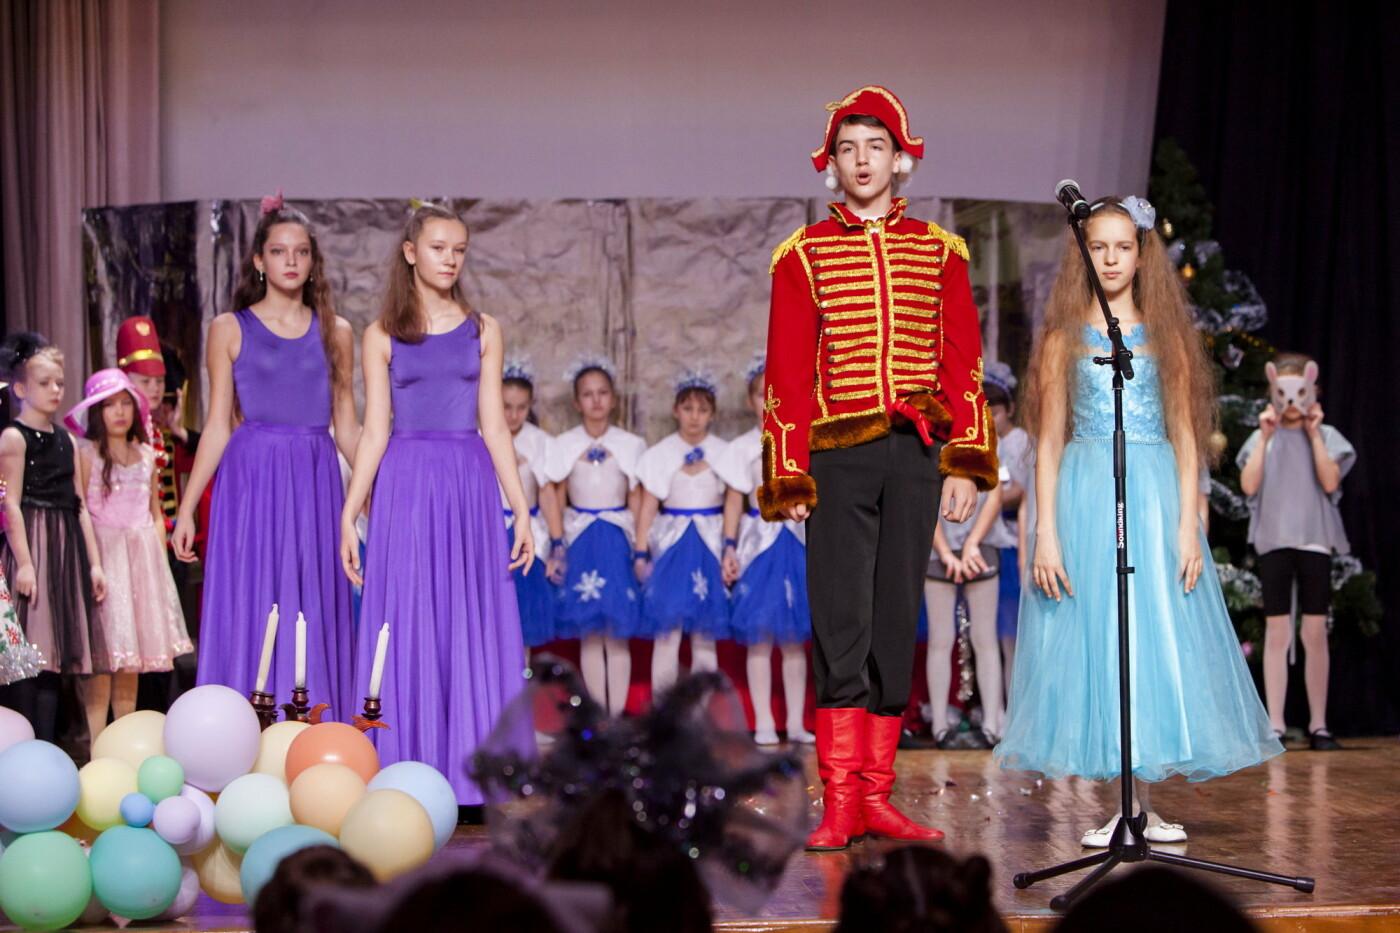 Настоящее волшебство: для учащихся Ялтинской школы №6 поставили сказку «Щелкунчик», фото-1